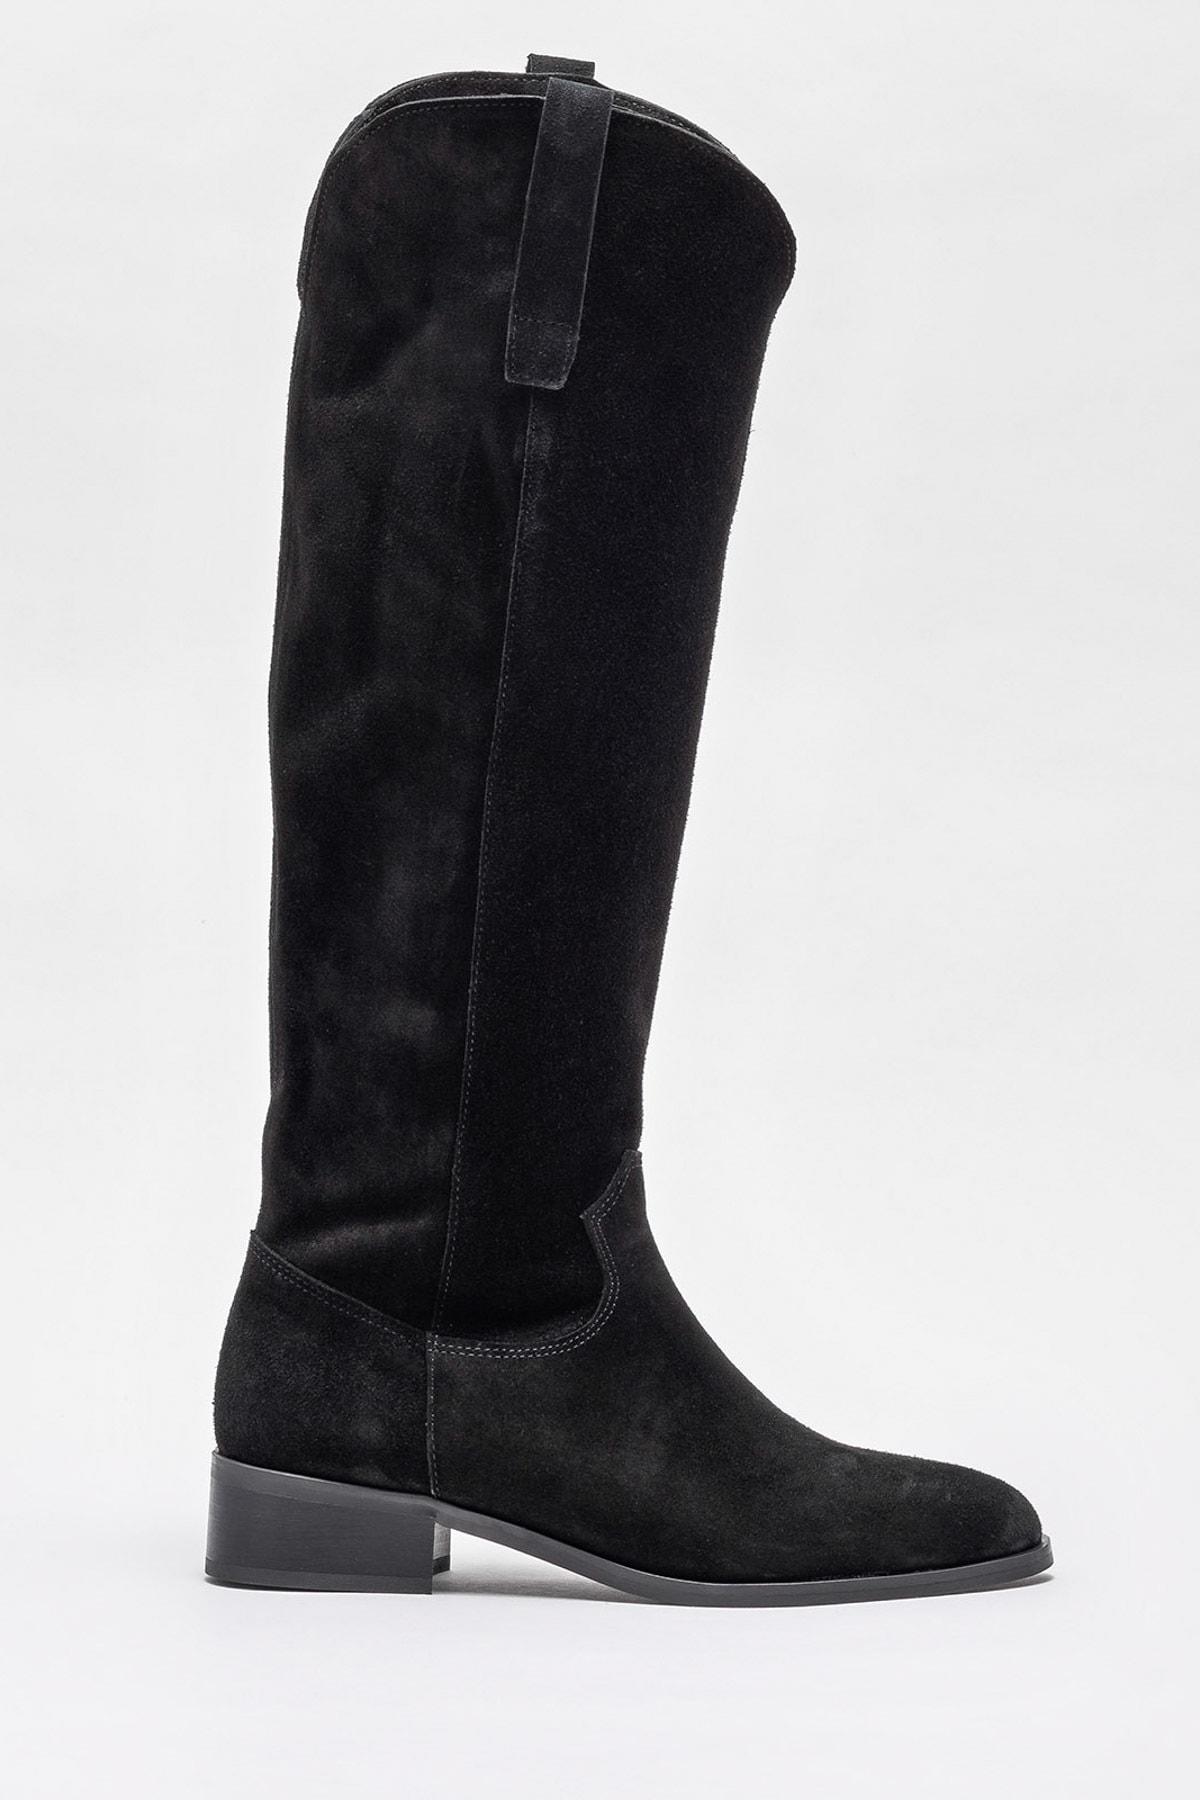 Elle Shoes Kadın Symer Sıyah Çizme 20K009 1